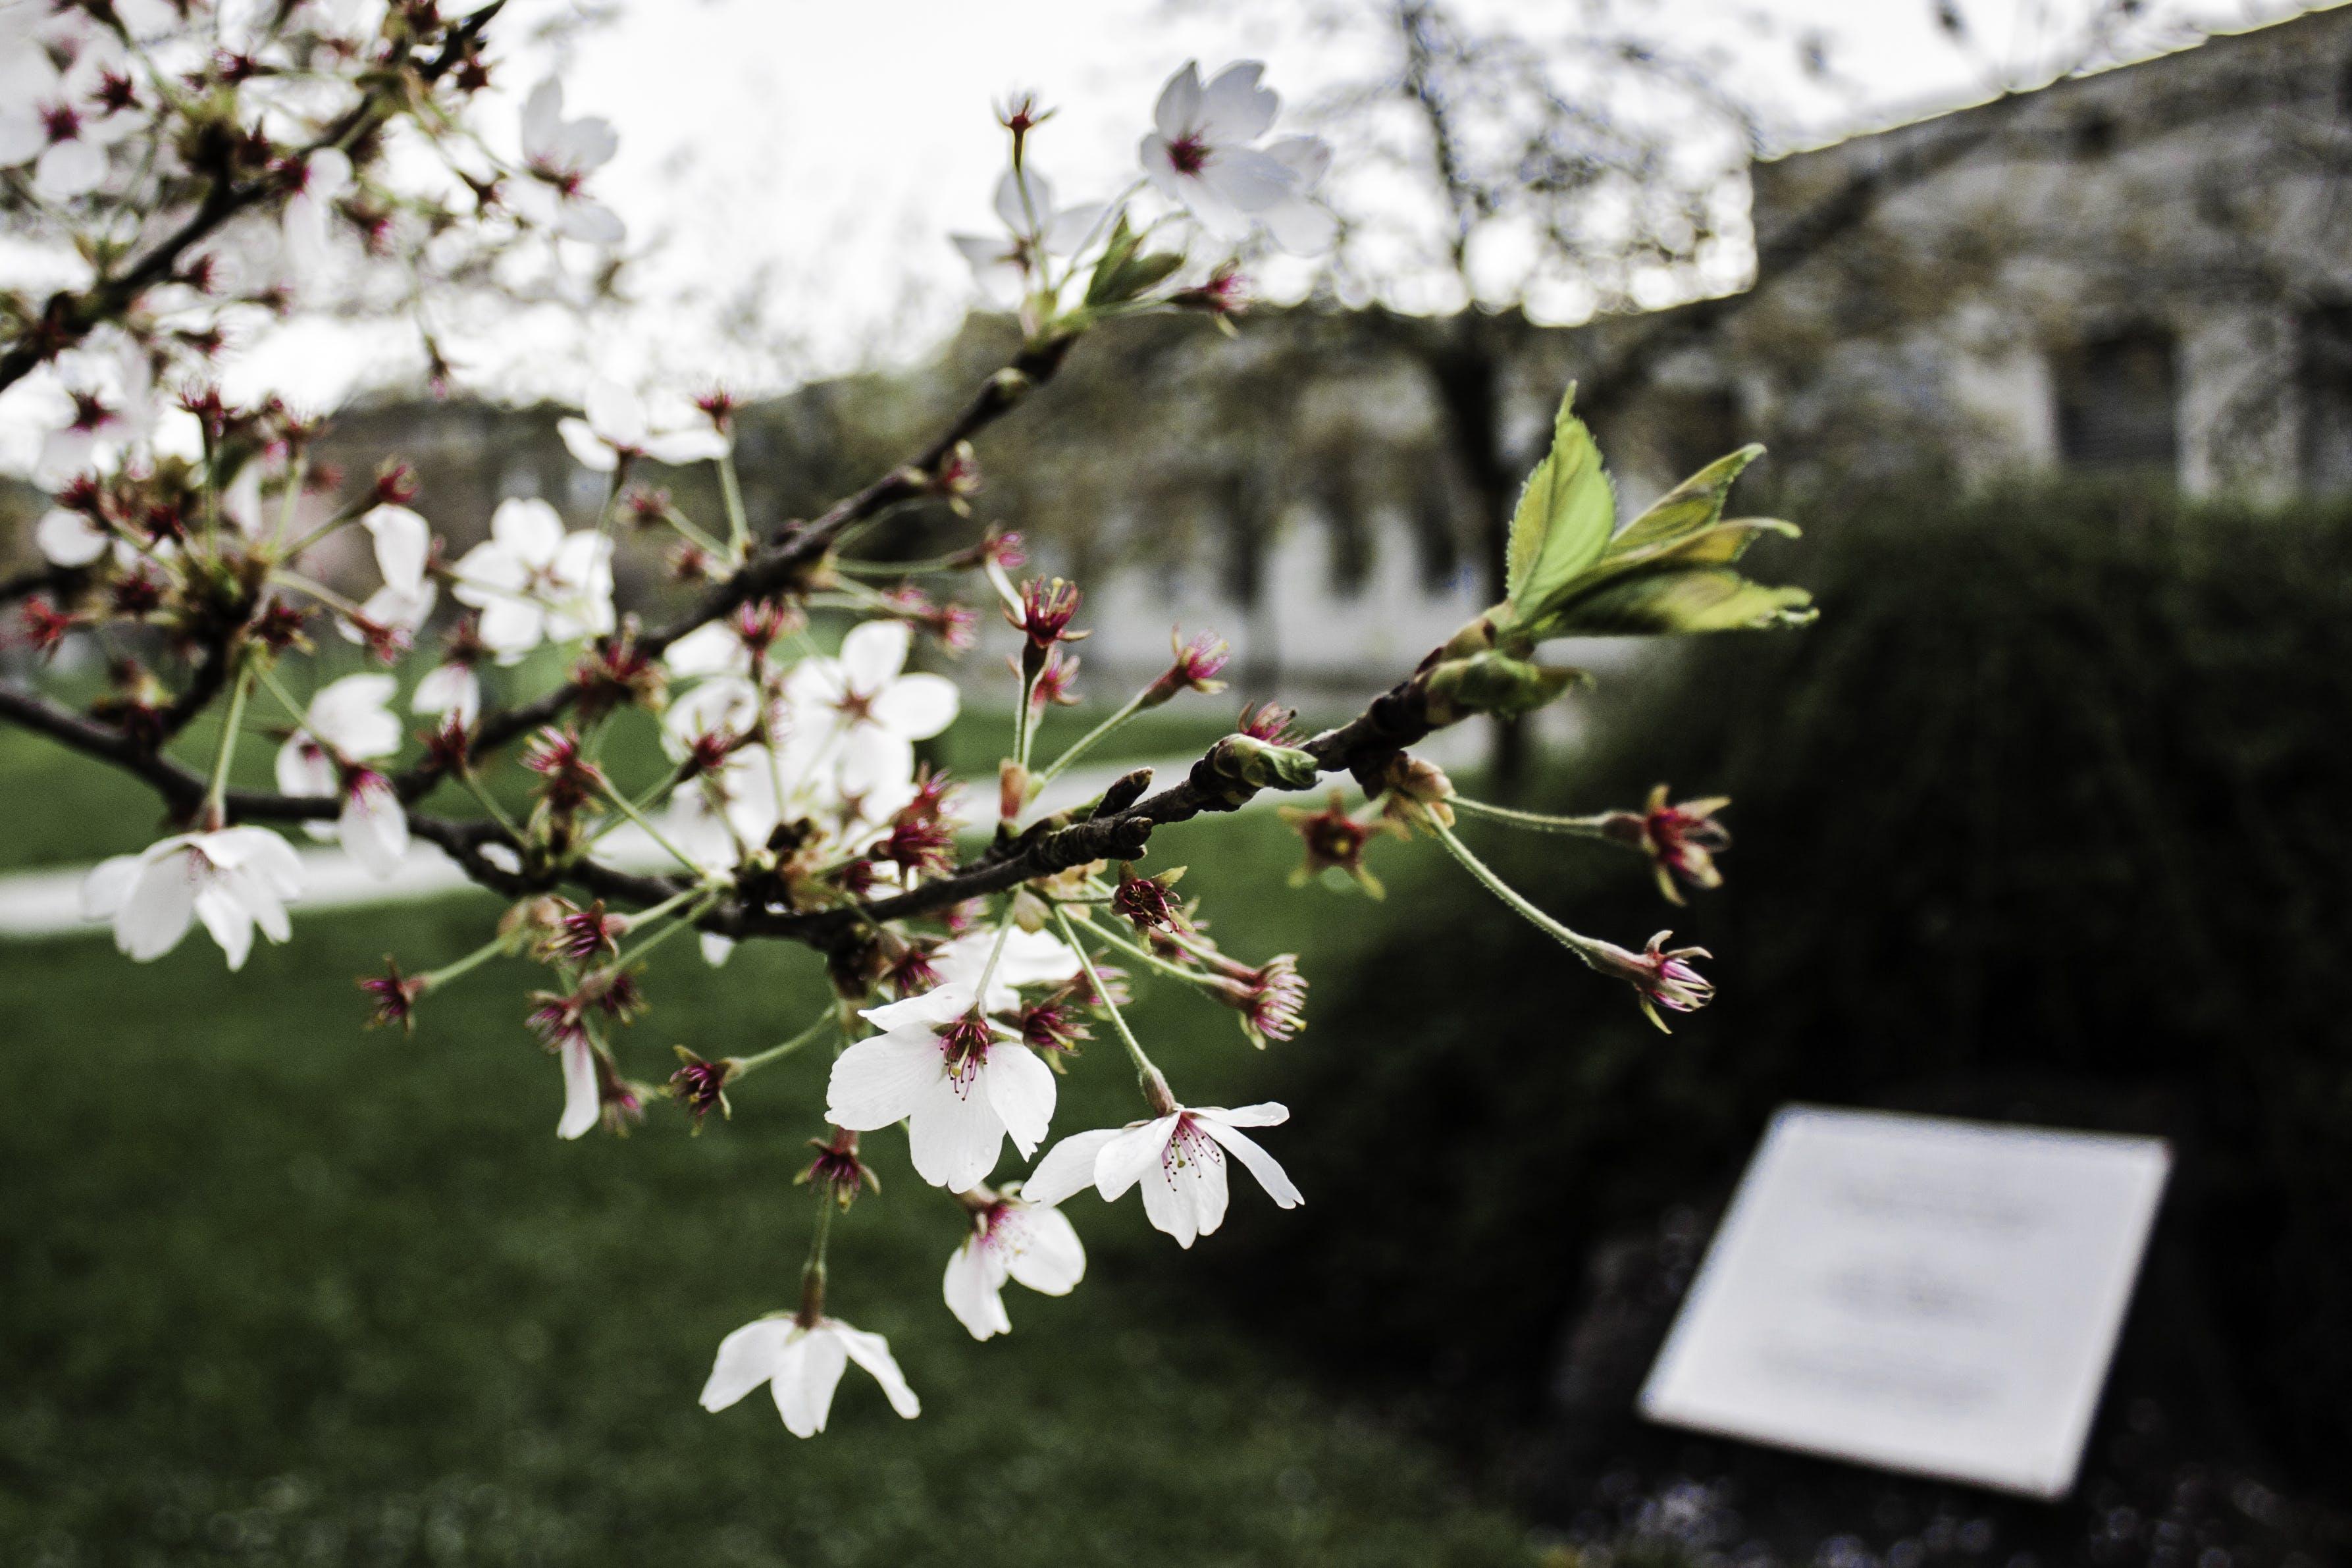 Fotos de stock gratuitas de árbol, blanco, bonito, brillante